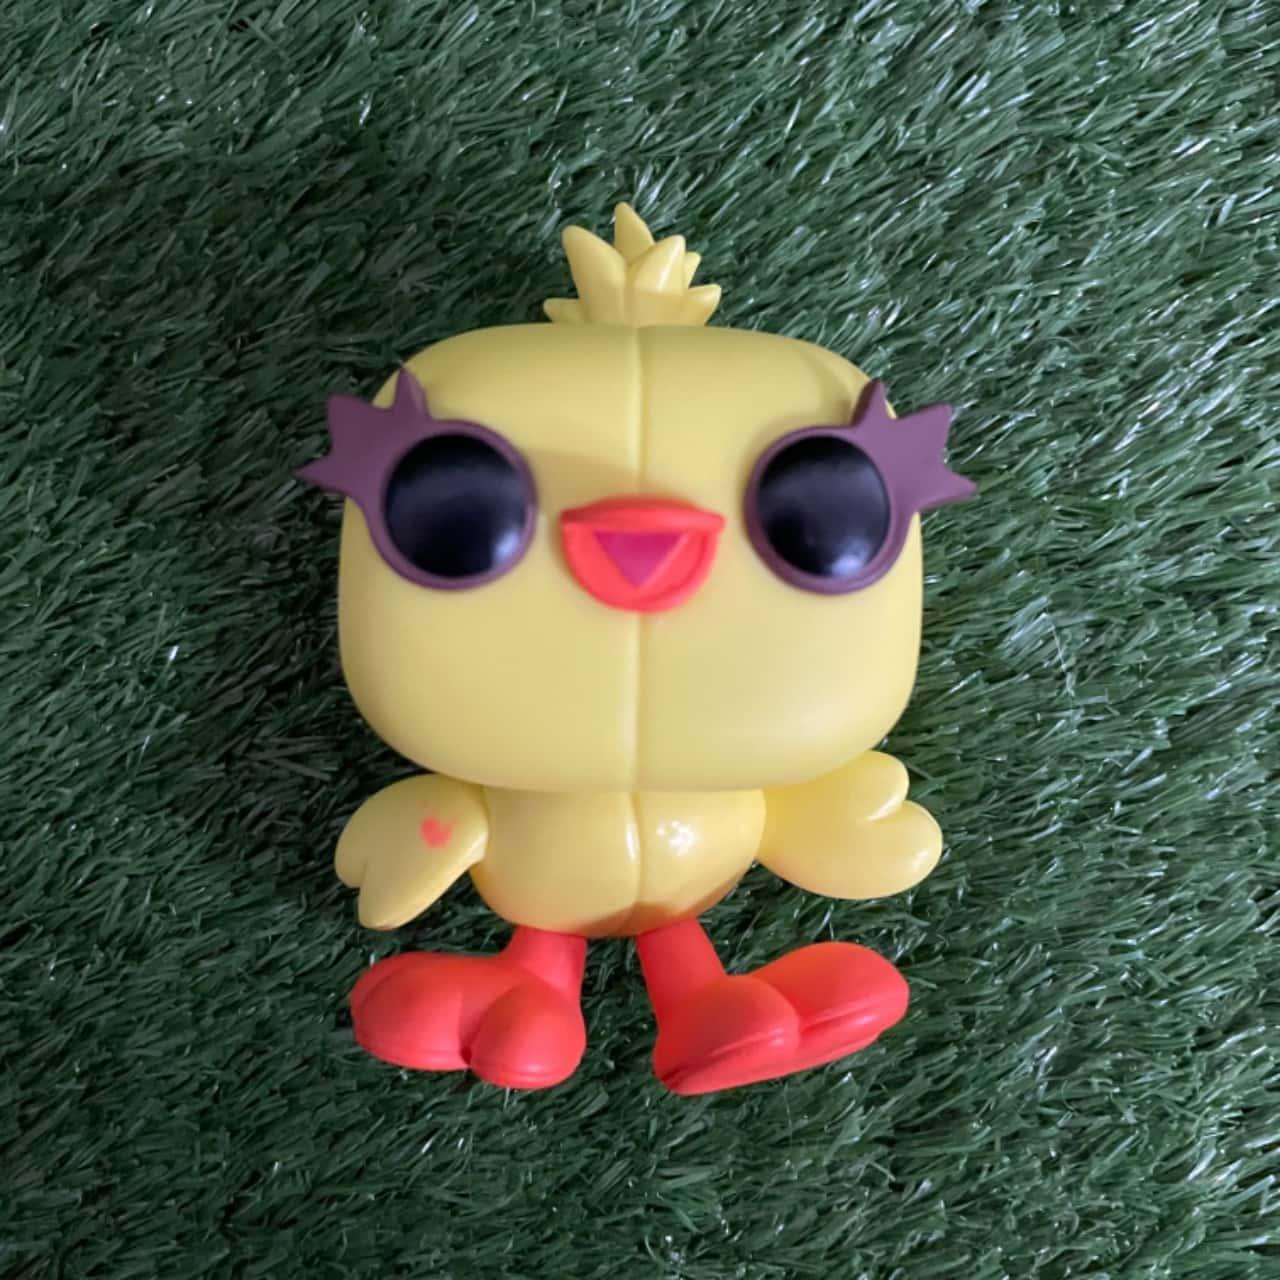 Toy Story 4: Ducky Funko Pop